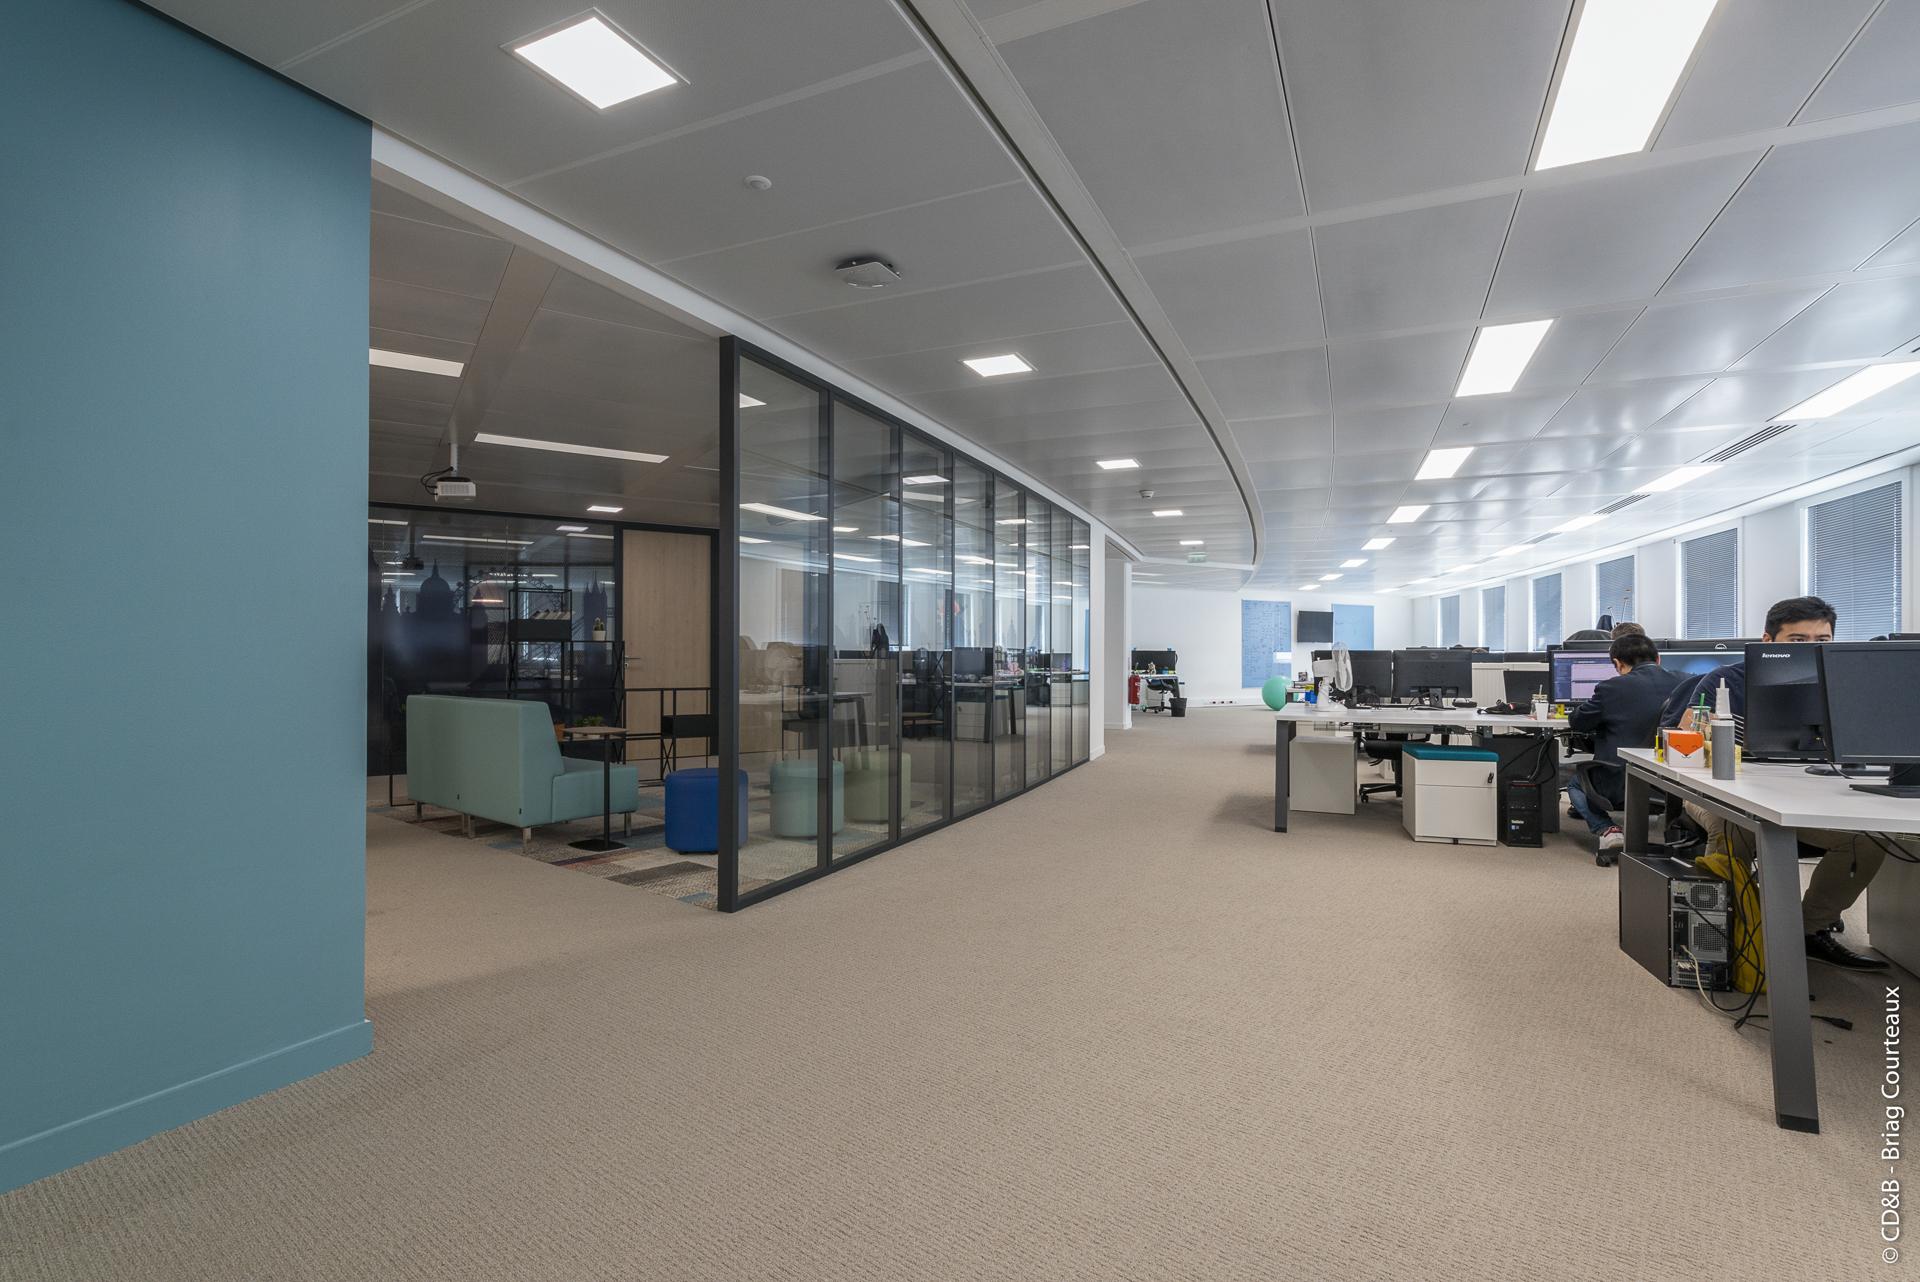 Conseil, aménagement, conception et réalisation des espaces de bureaux de la société JUMP par CDB, Meet you there.